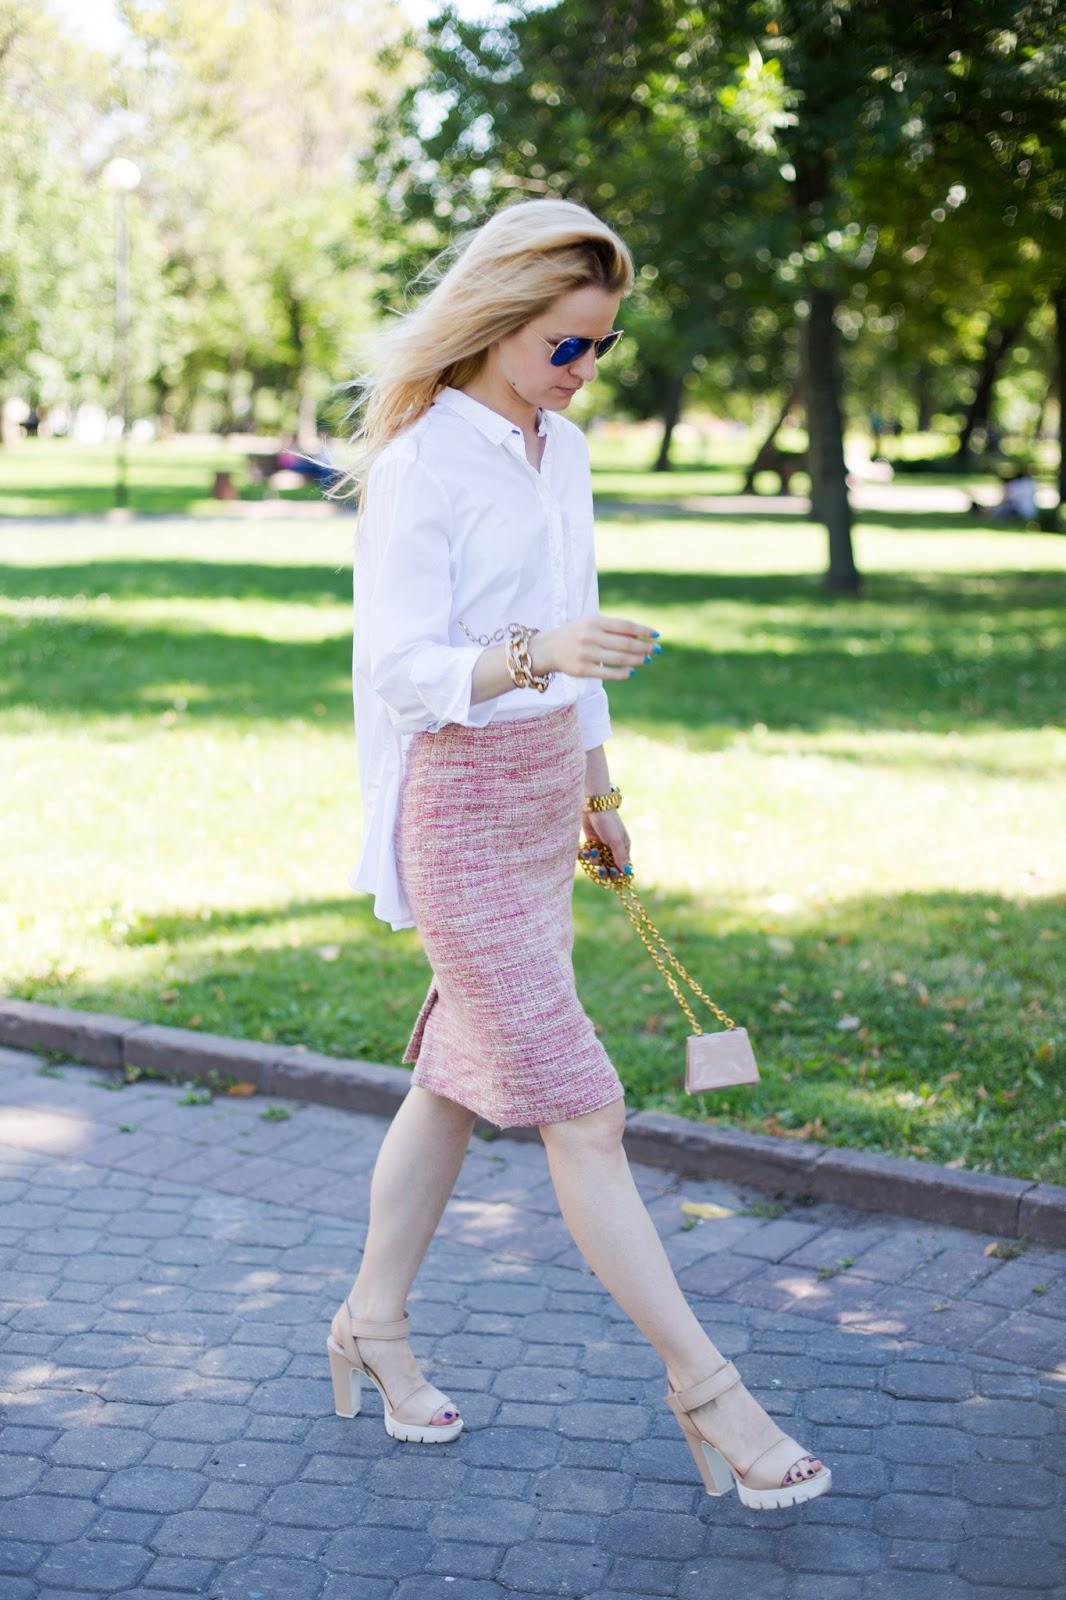 модный блоггер россия,уличная мода лето 2015 фото, фэшн блоггеры россии, модная белая рубашка